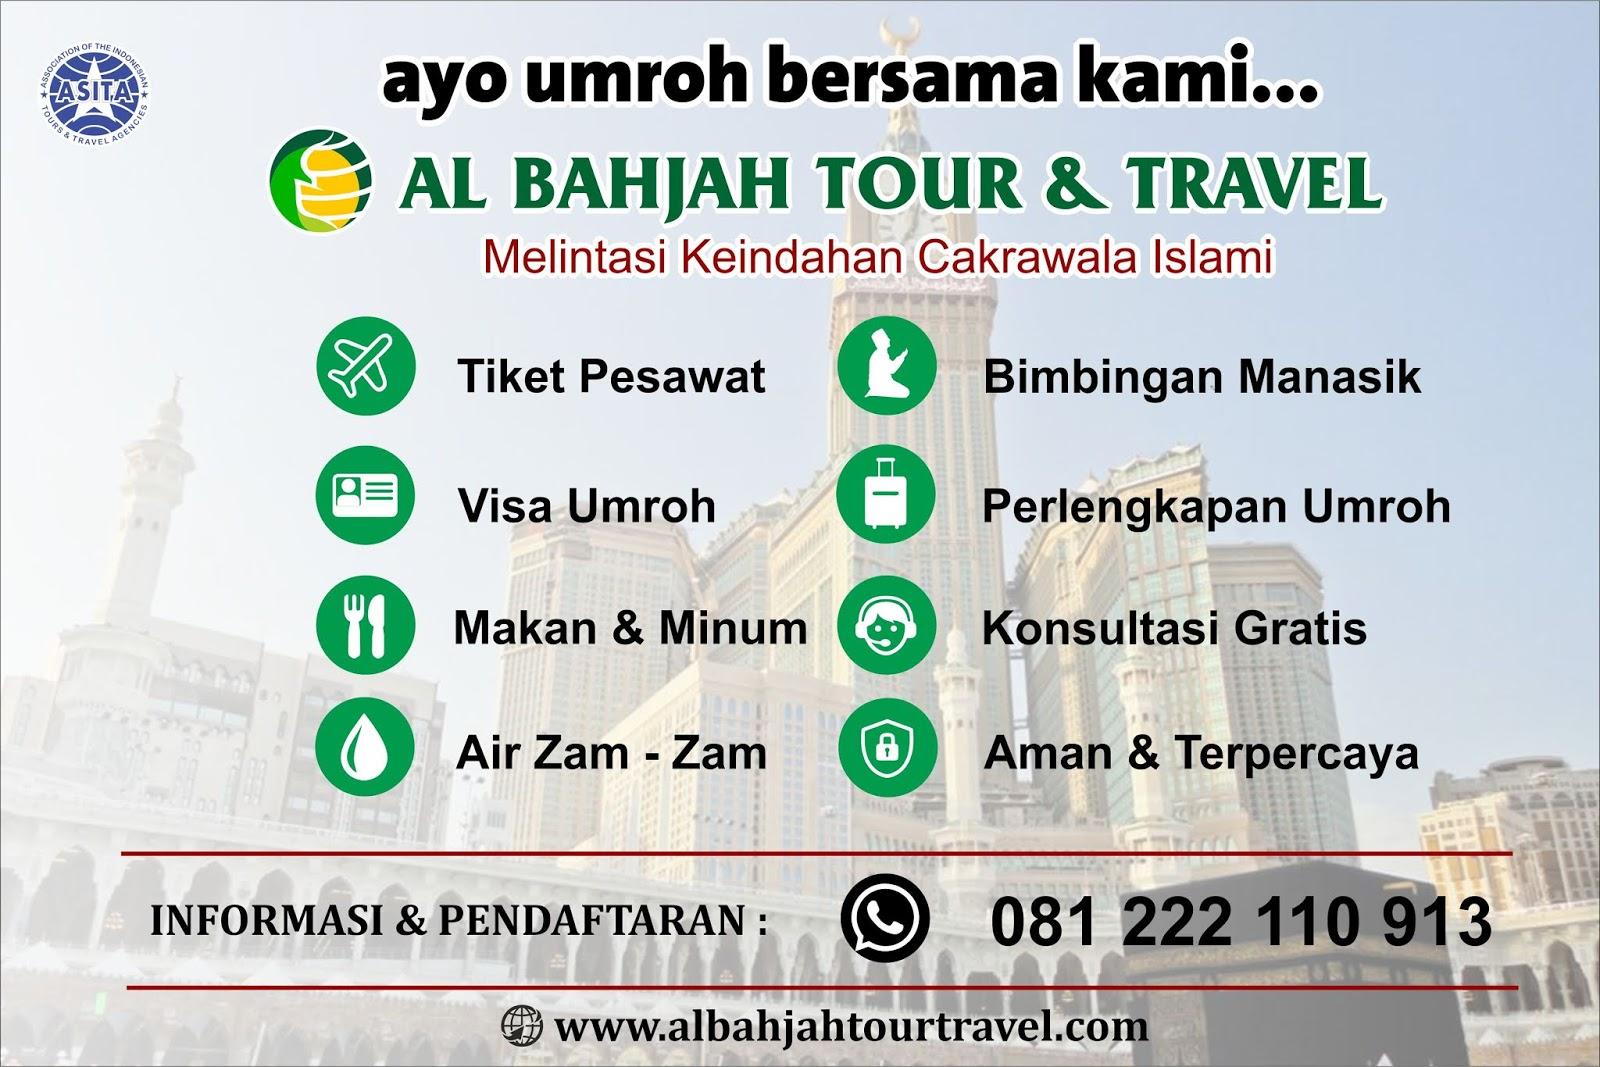 PROGRAM UMROH AL BAHJAH TOUR TRAVEL